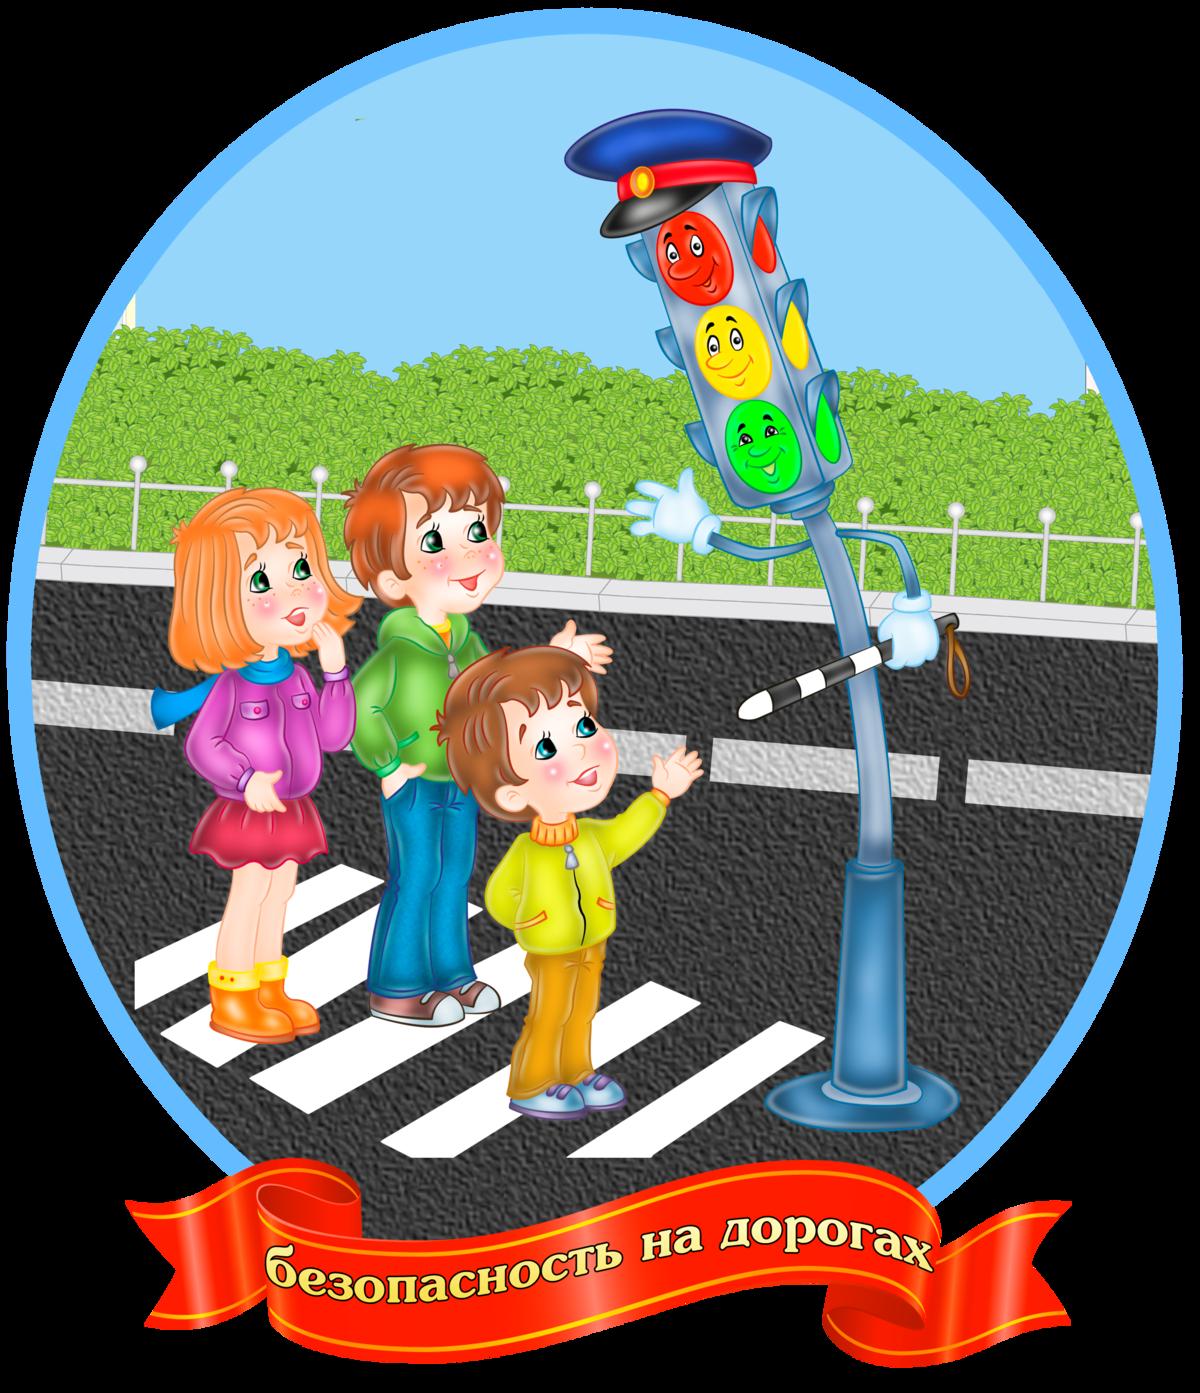 картинка с эмблемой пешехода фотоколлажа добавление